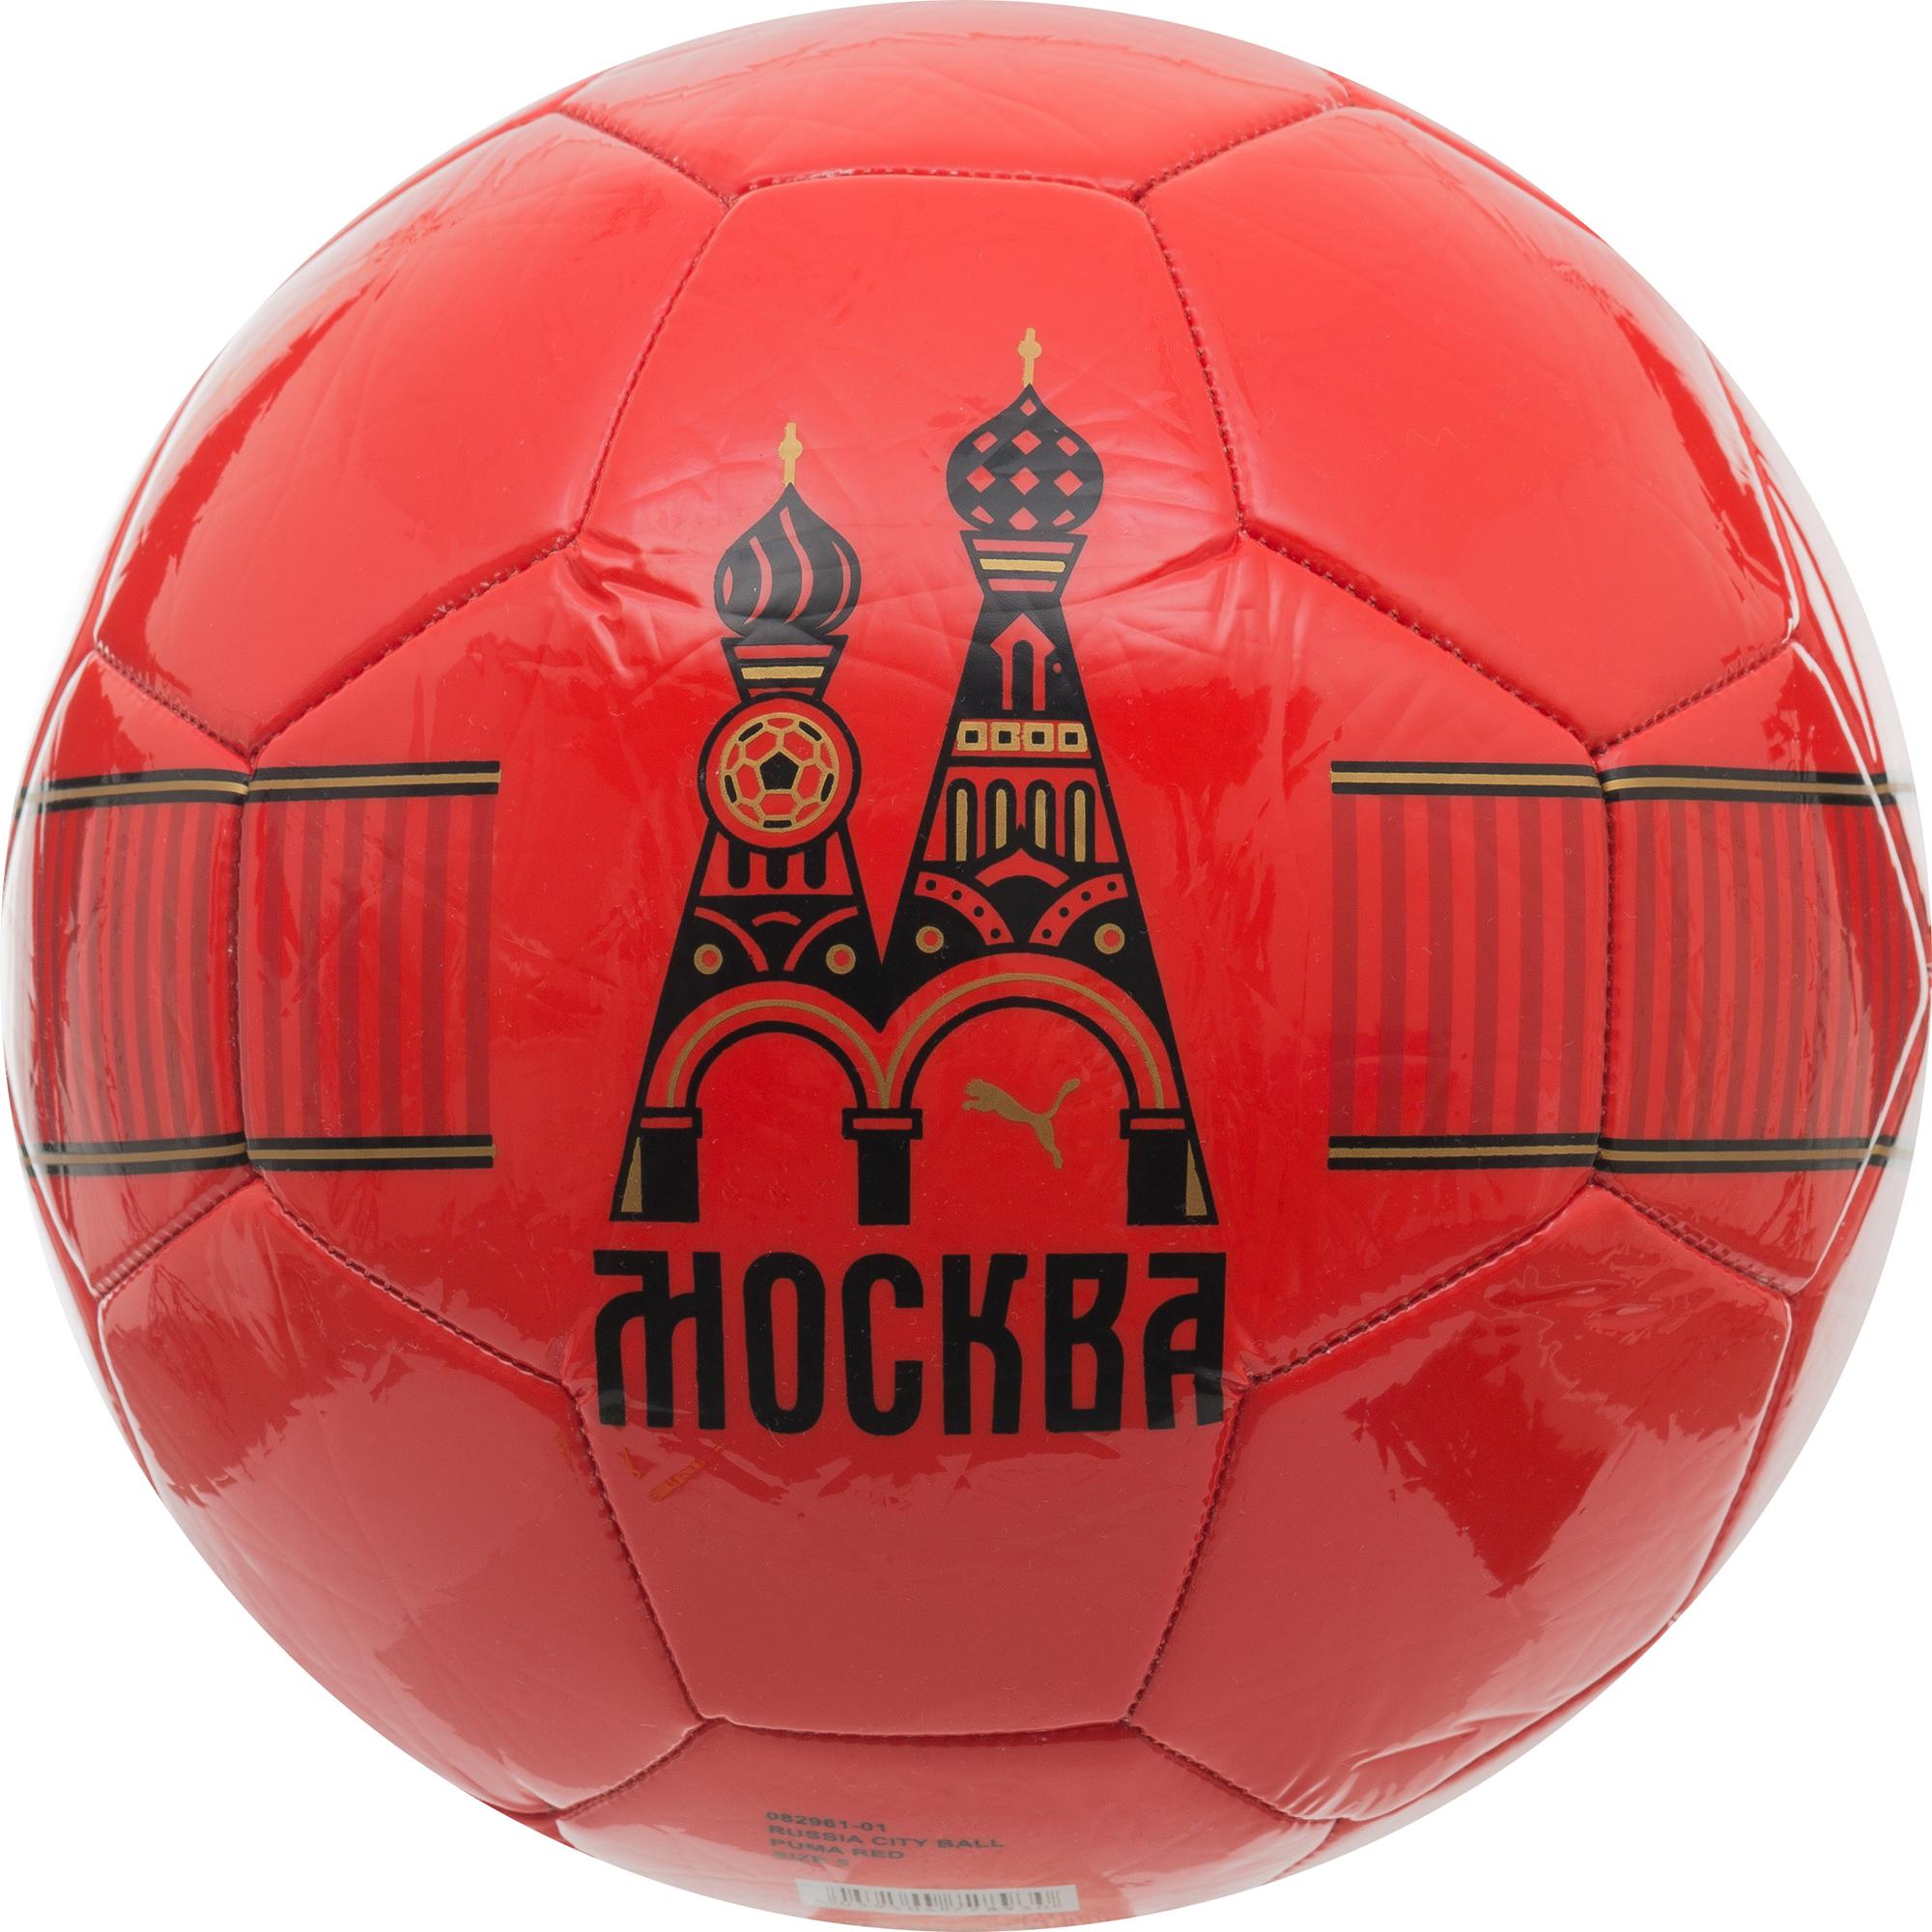 Puma Мяч футбольный Puma Russia City